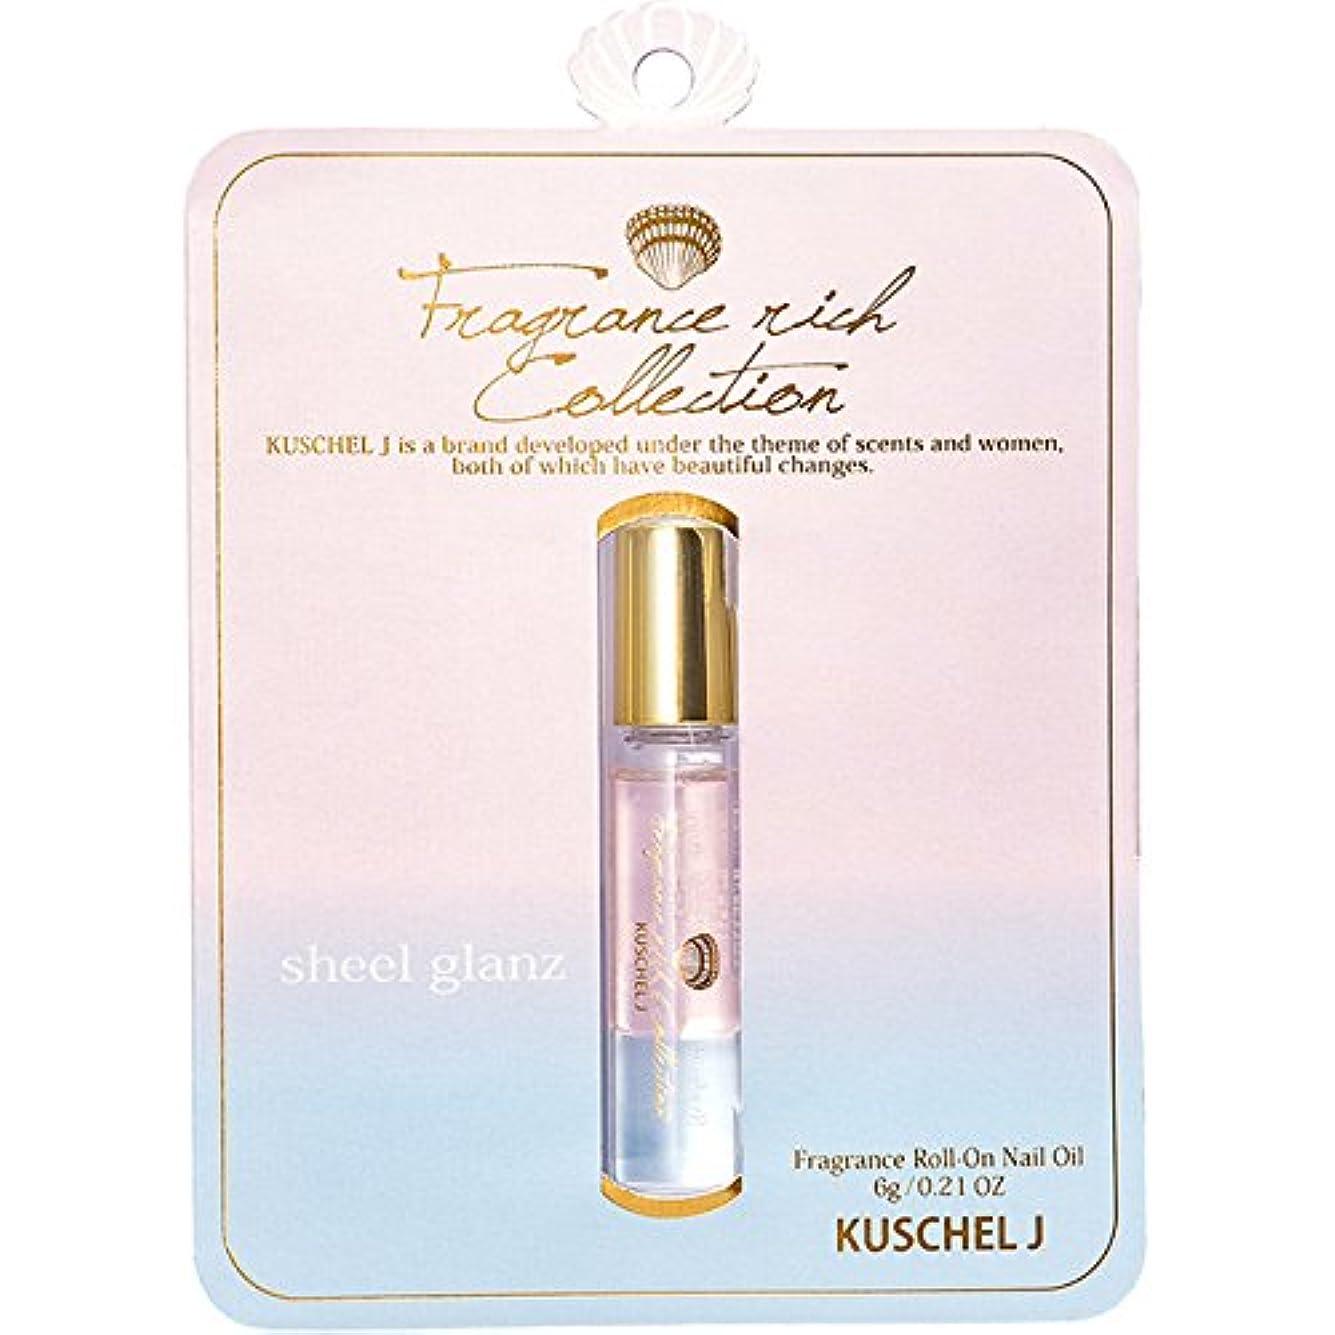 モチーフ人種教室フレグランシー クシェルヨット(KUSCHEL J) ネイルオイル シェルグラン 6g